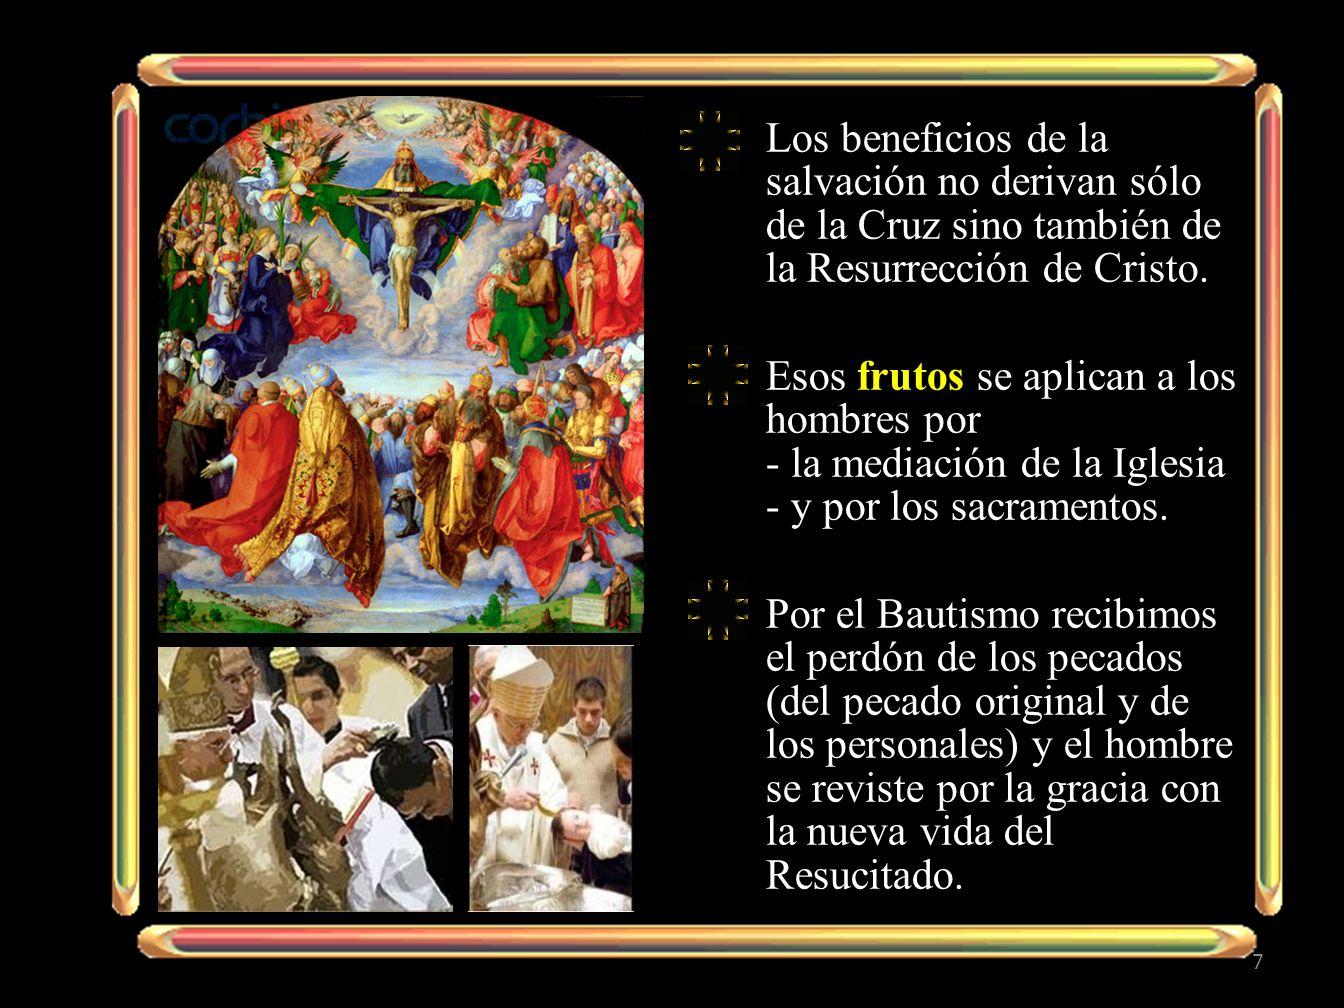 Los beneficios de la salvación no derivan sólo de la Cruz sino también de la Resurrección de Cristo.